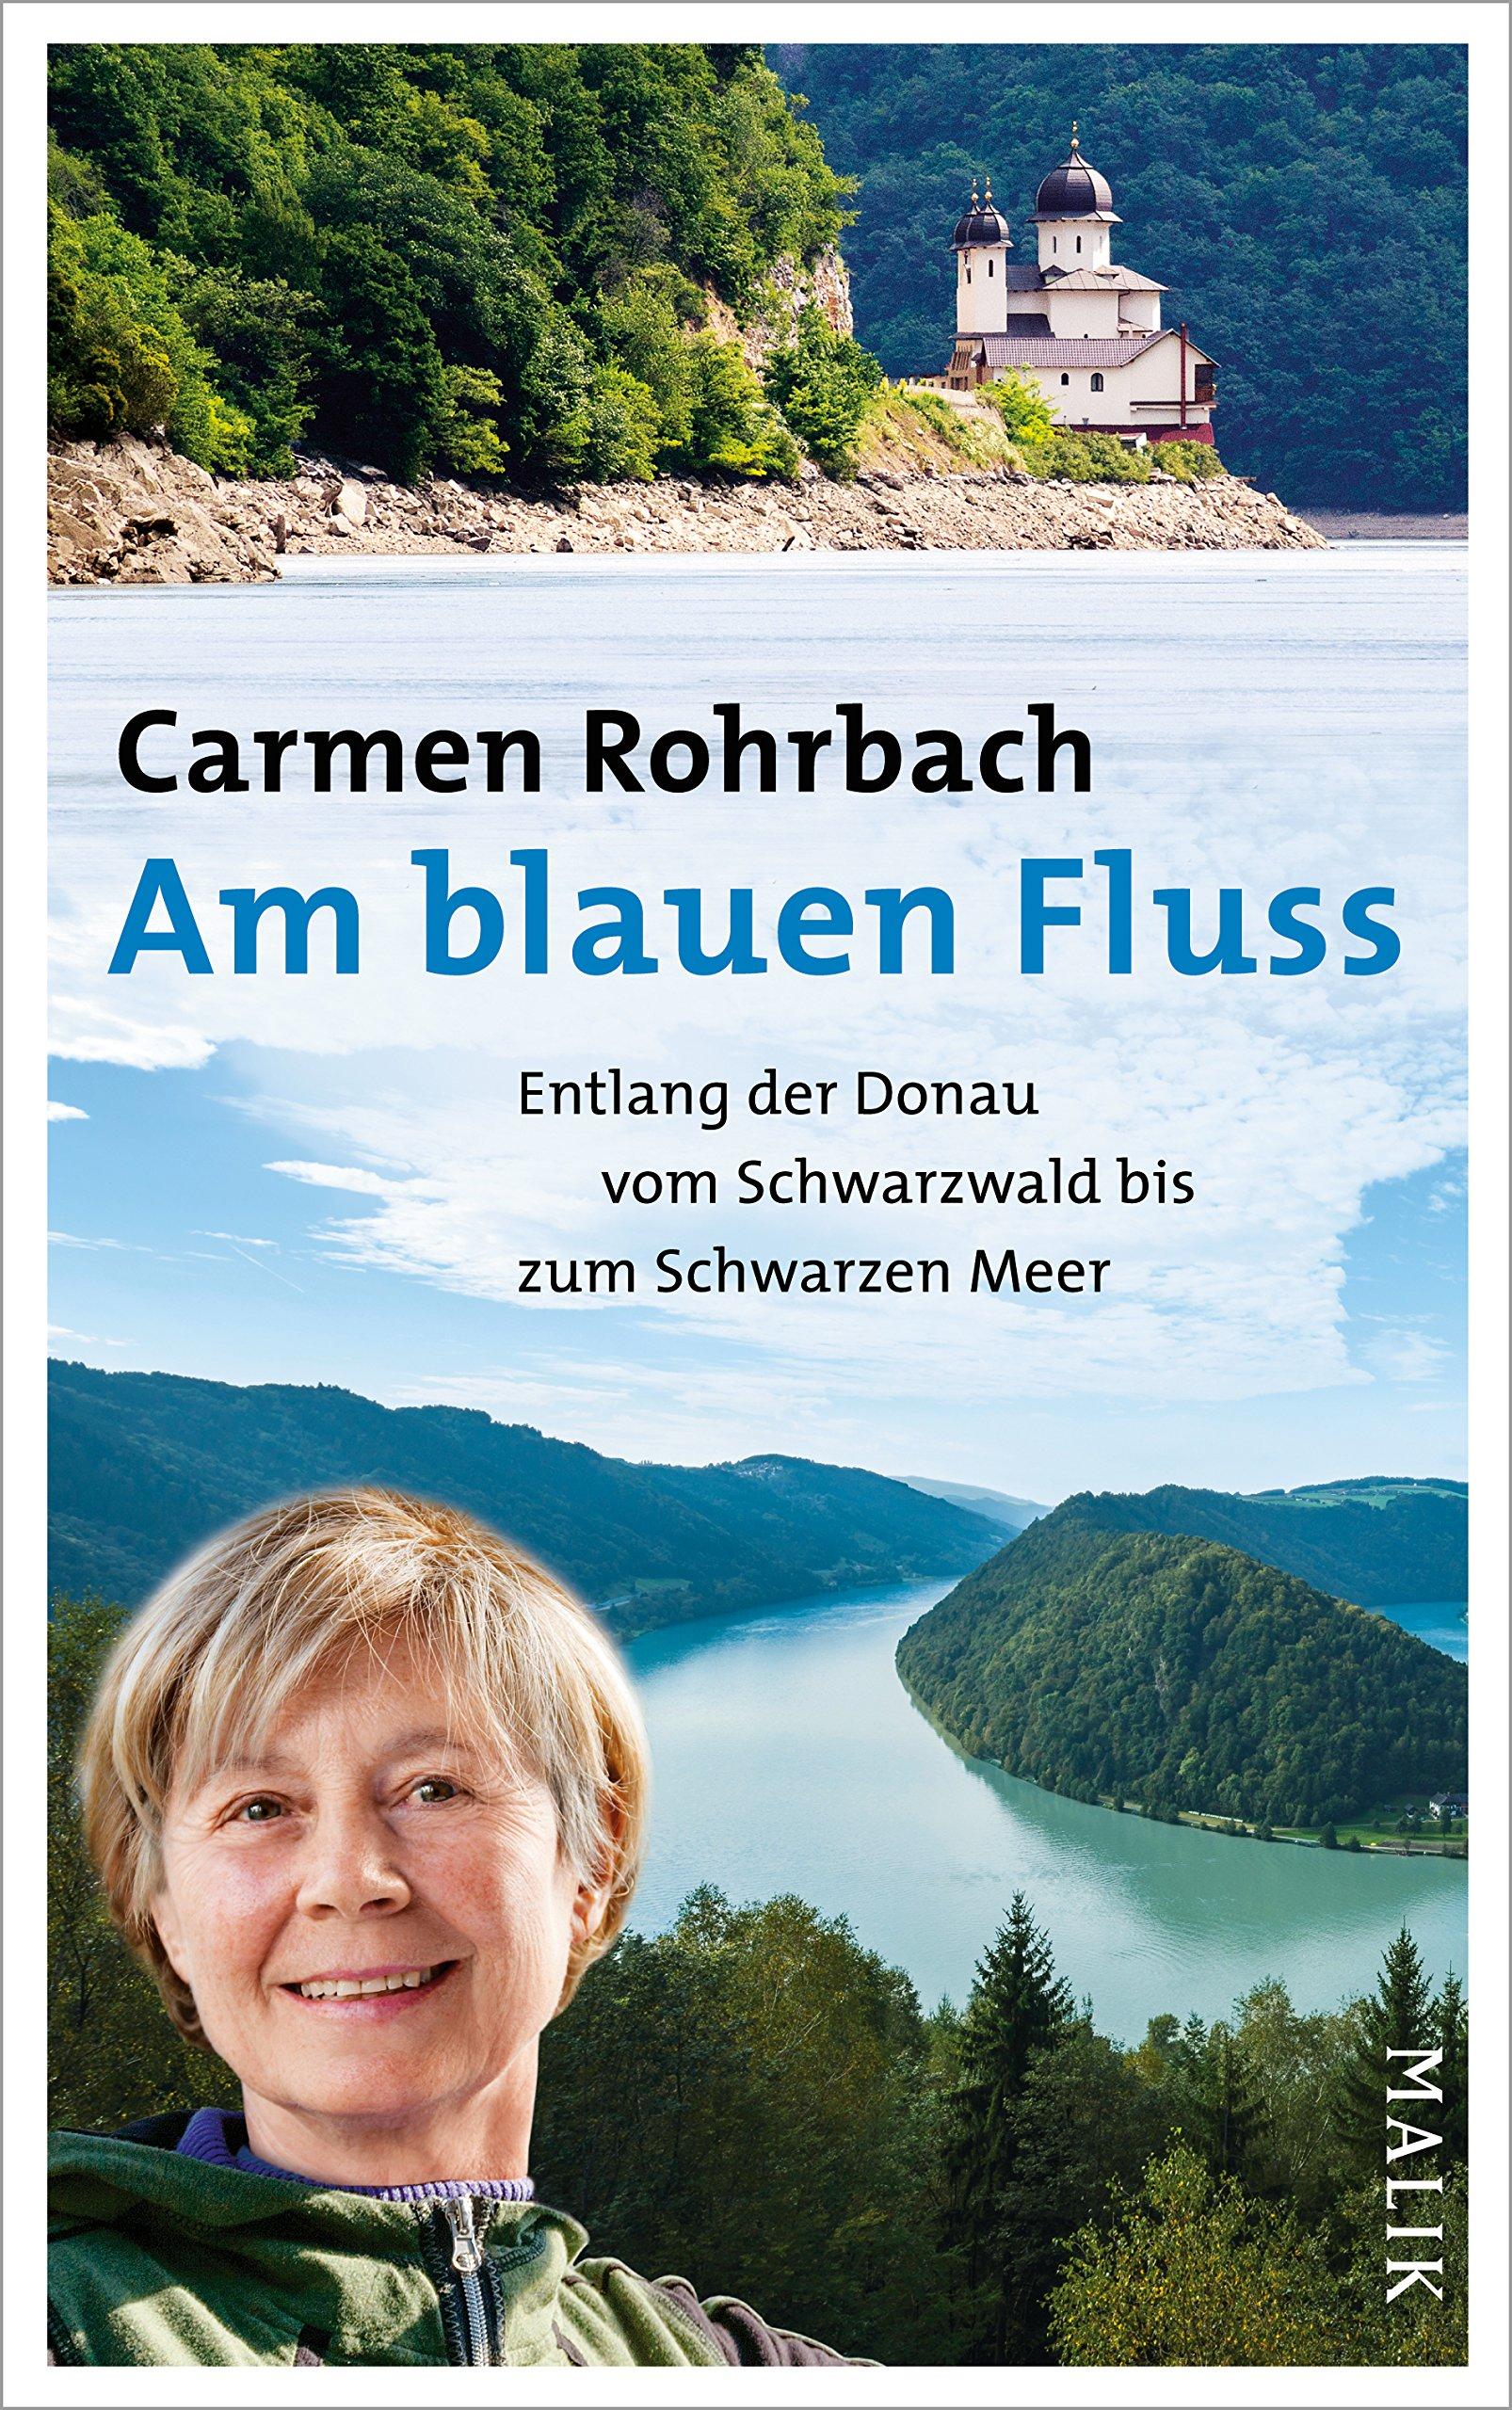 Carmen Rohrbach | Bilder-Vortrag: Am blauen Fluss, entlang der Donau vom Schwarzwald bis zum Schwarzen Meer